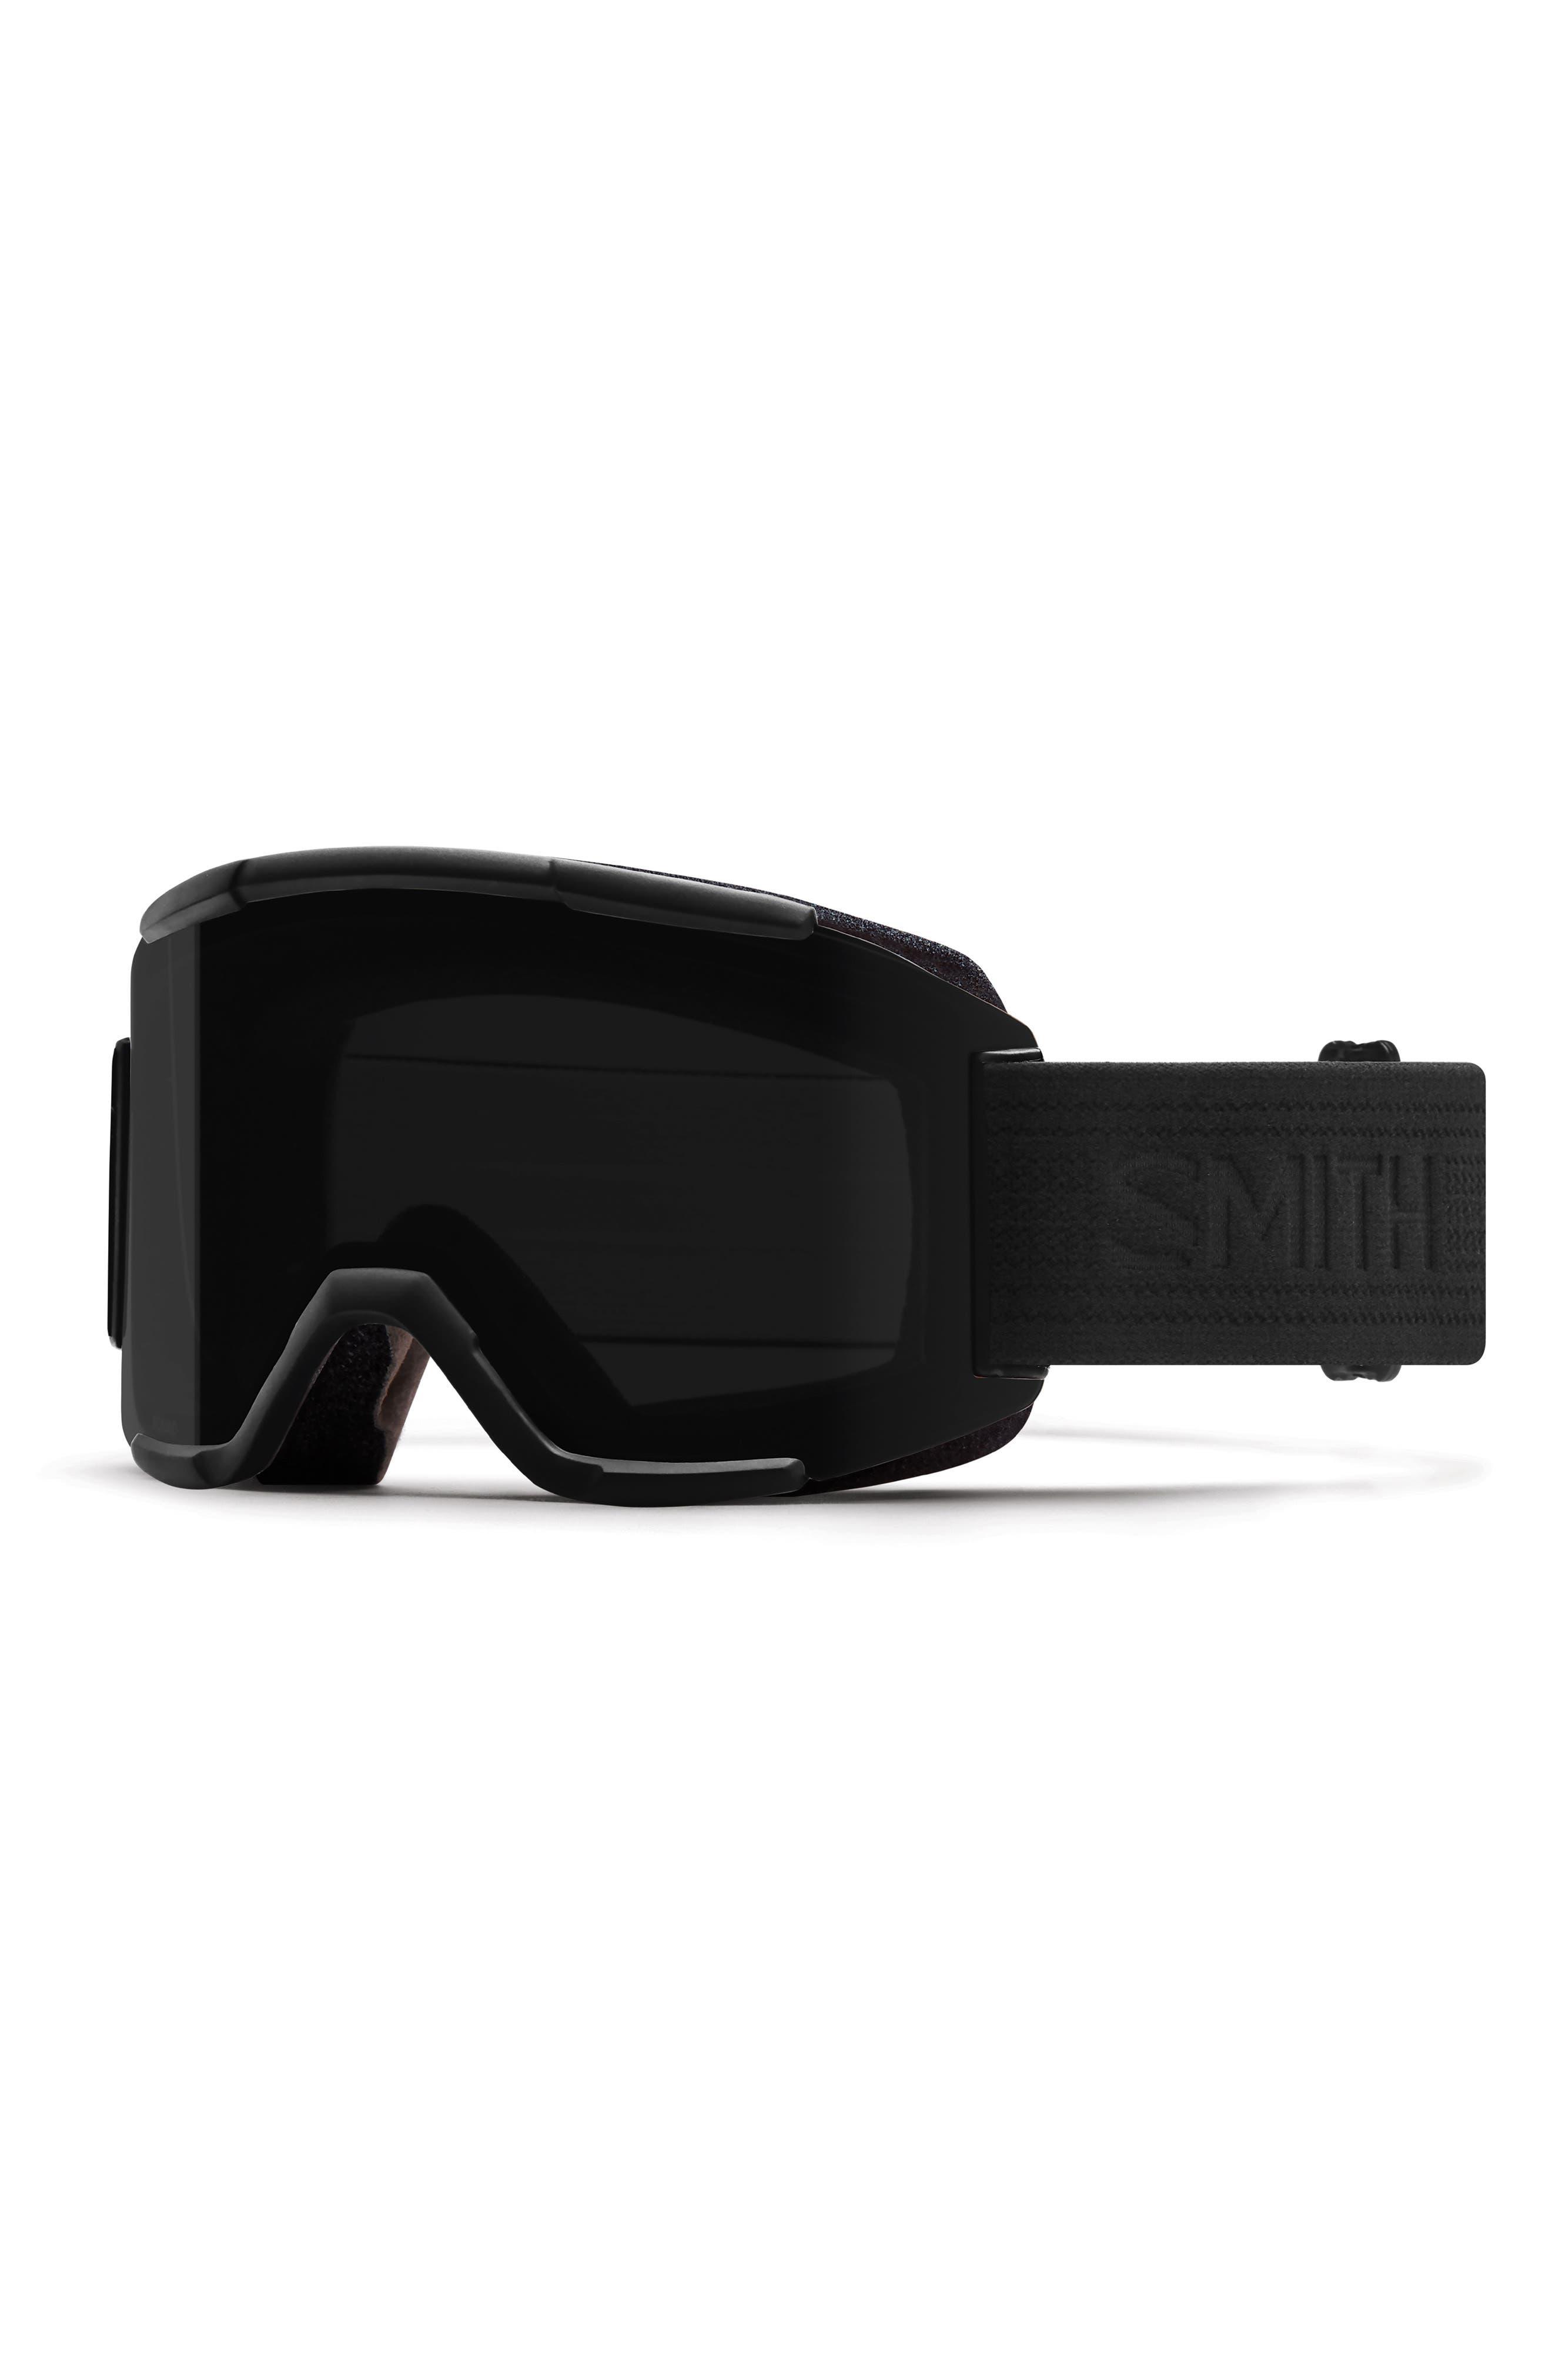 Squad Chromapop 180mm Snow Goggles,                             Main thumbnail 1, color,                             001